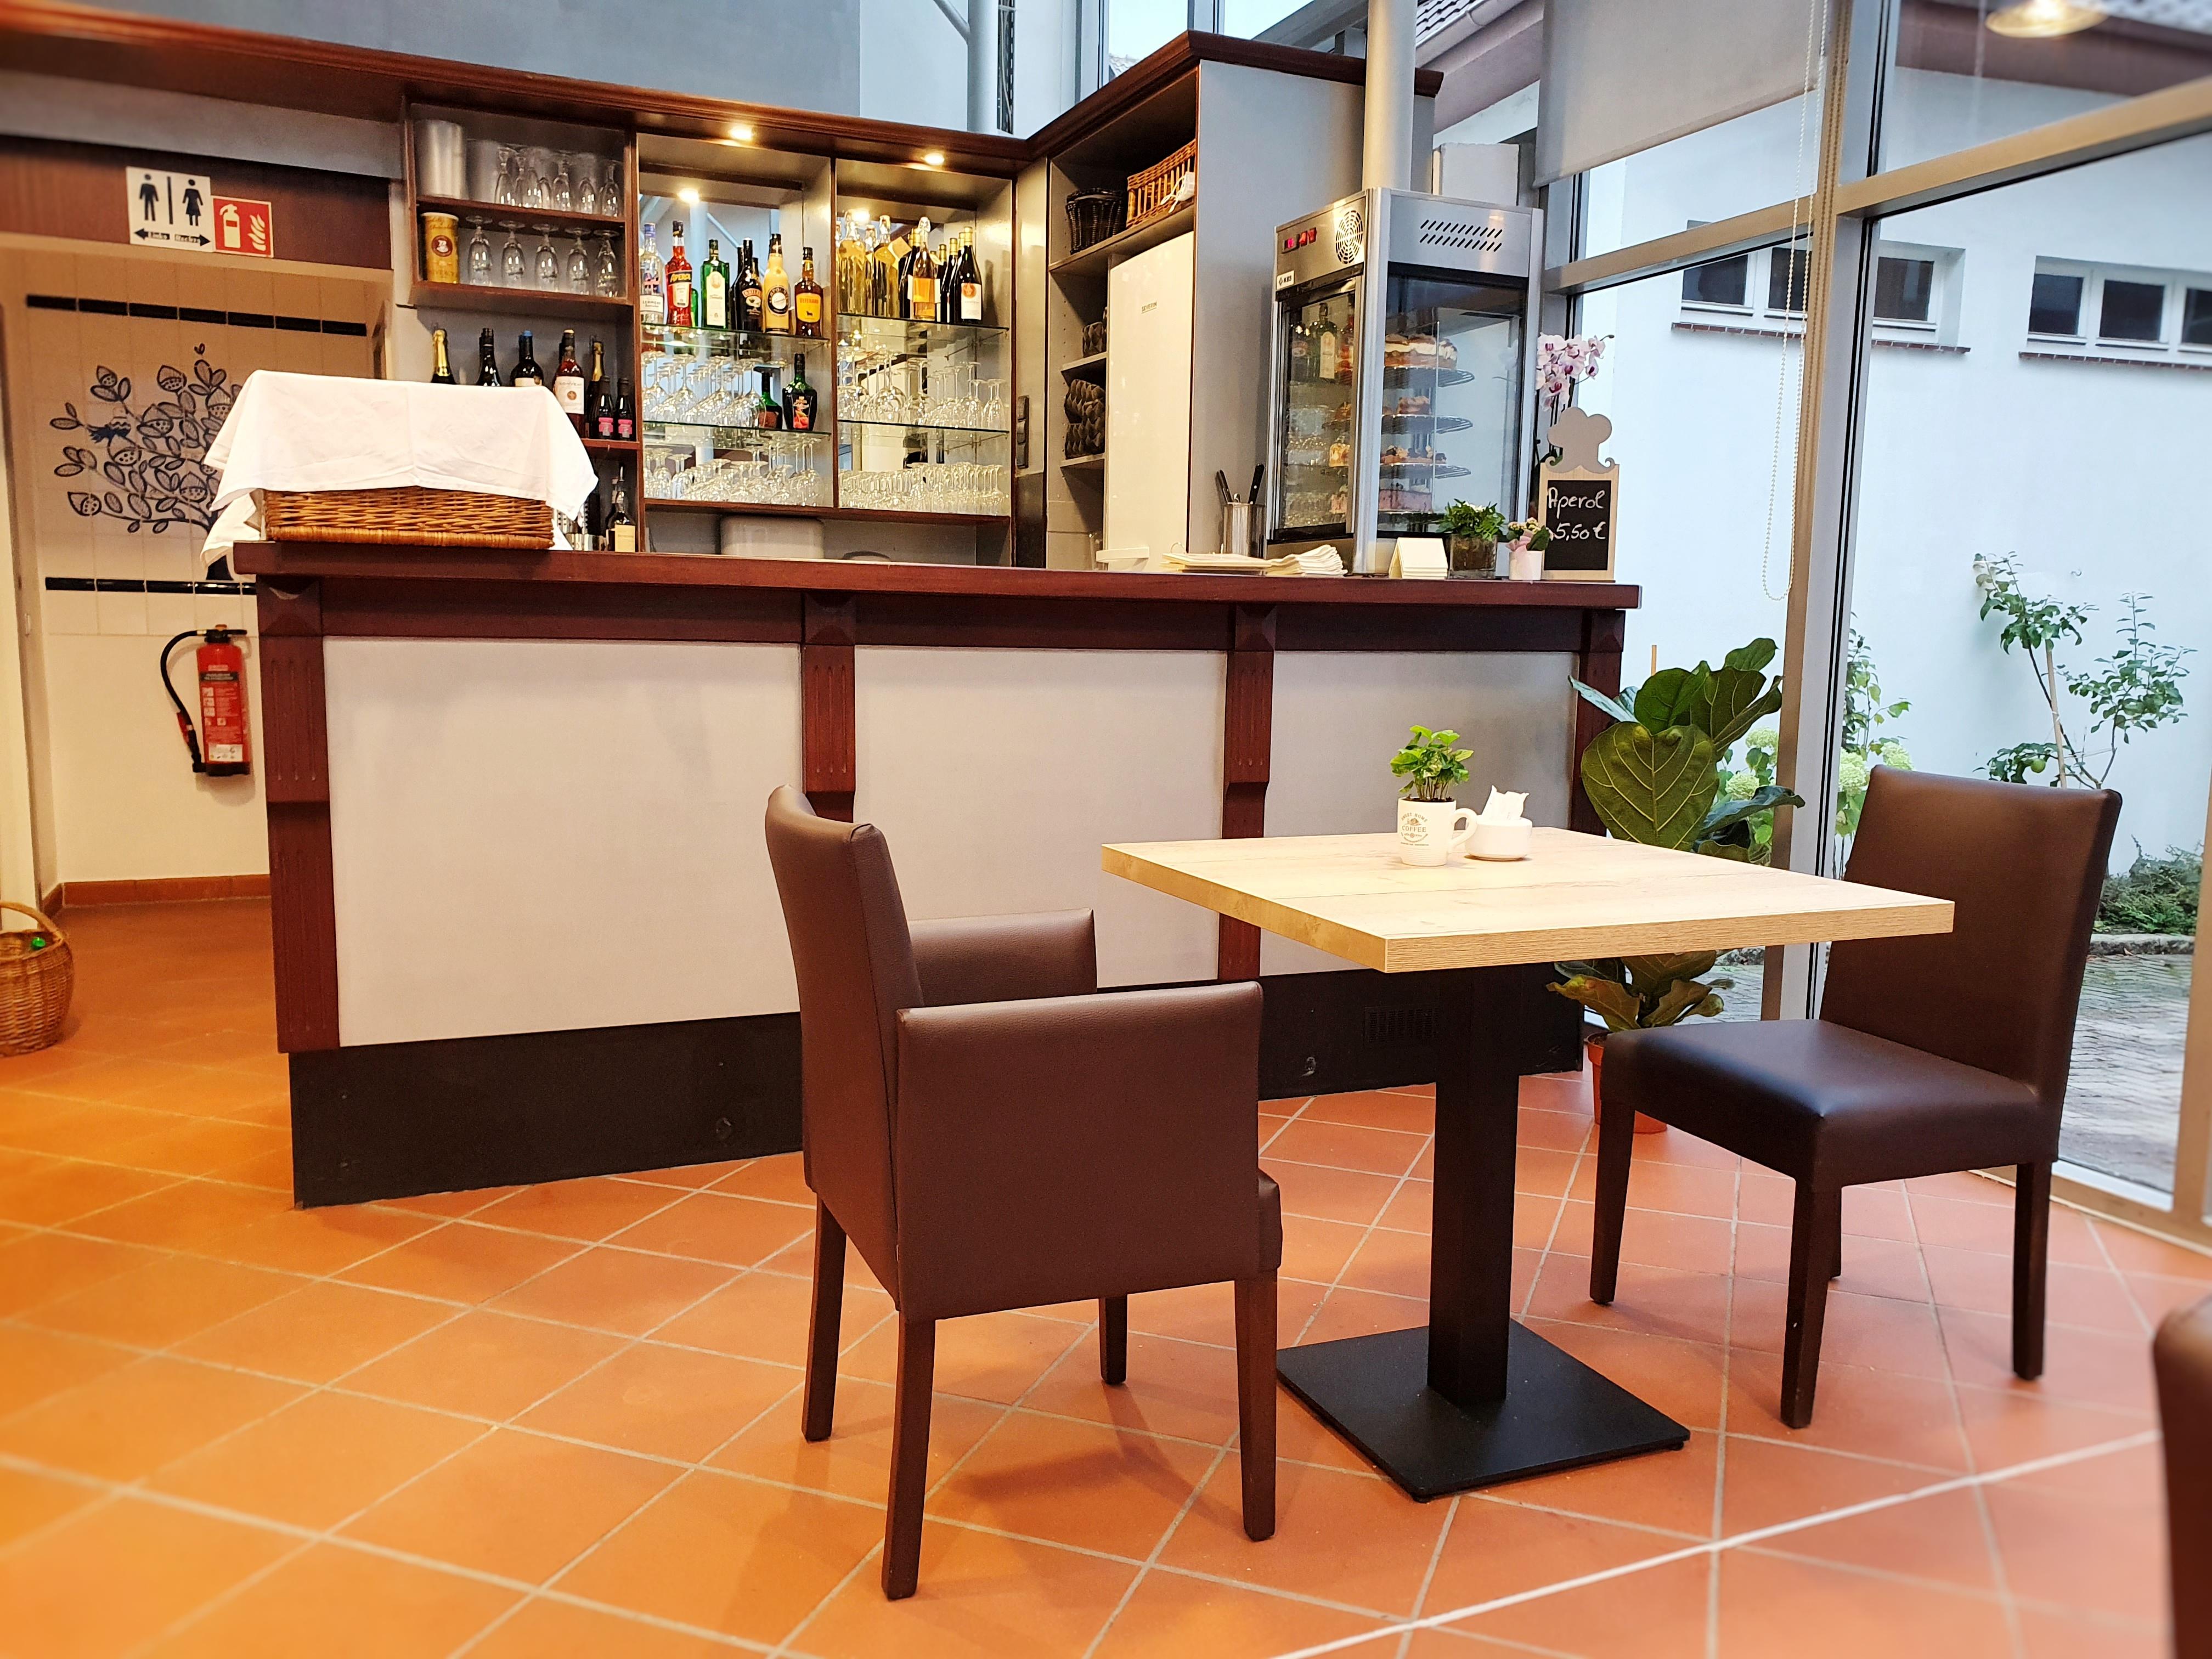 Café in der kleinen Gasse_Theke